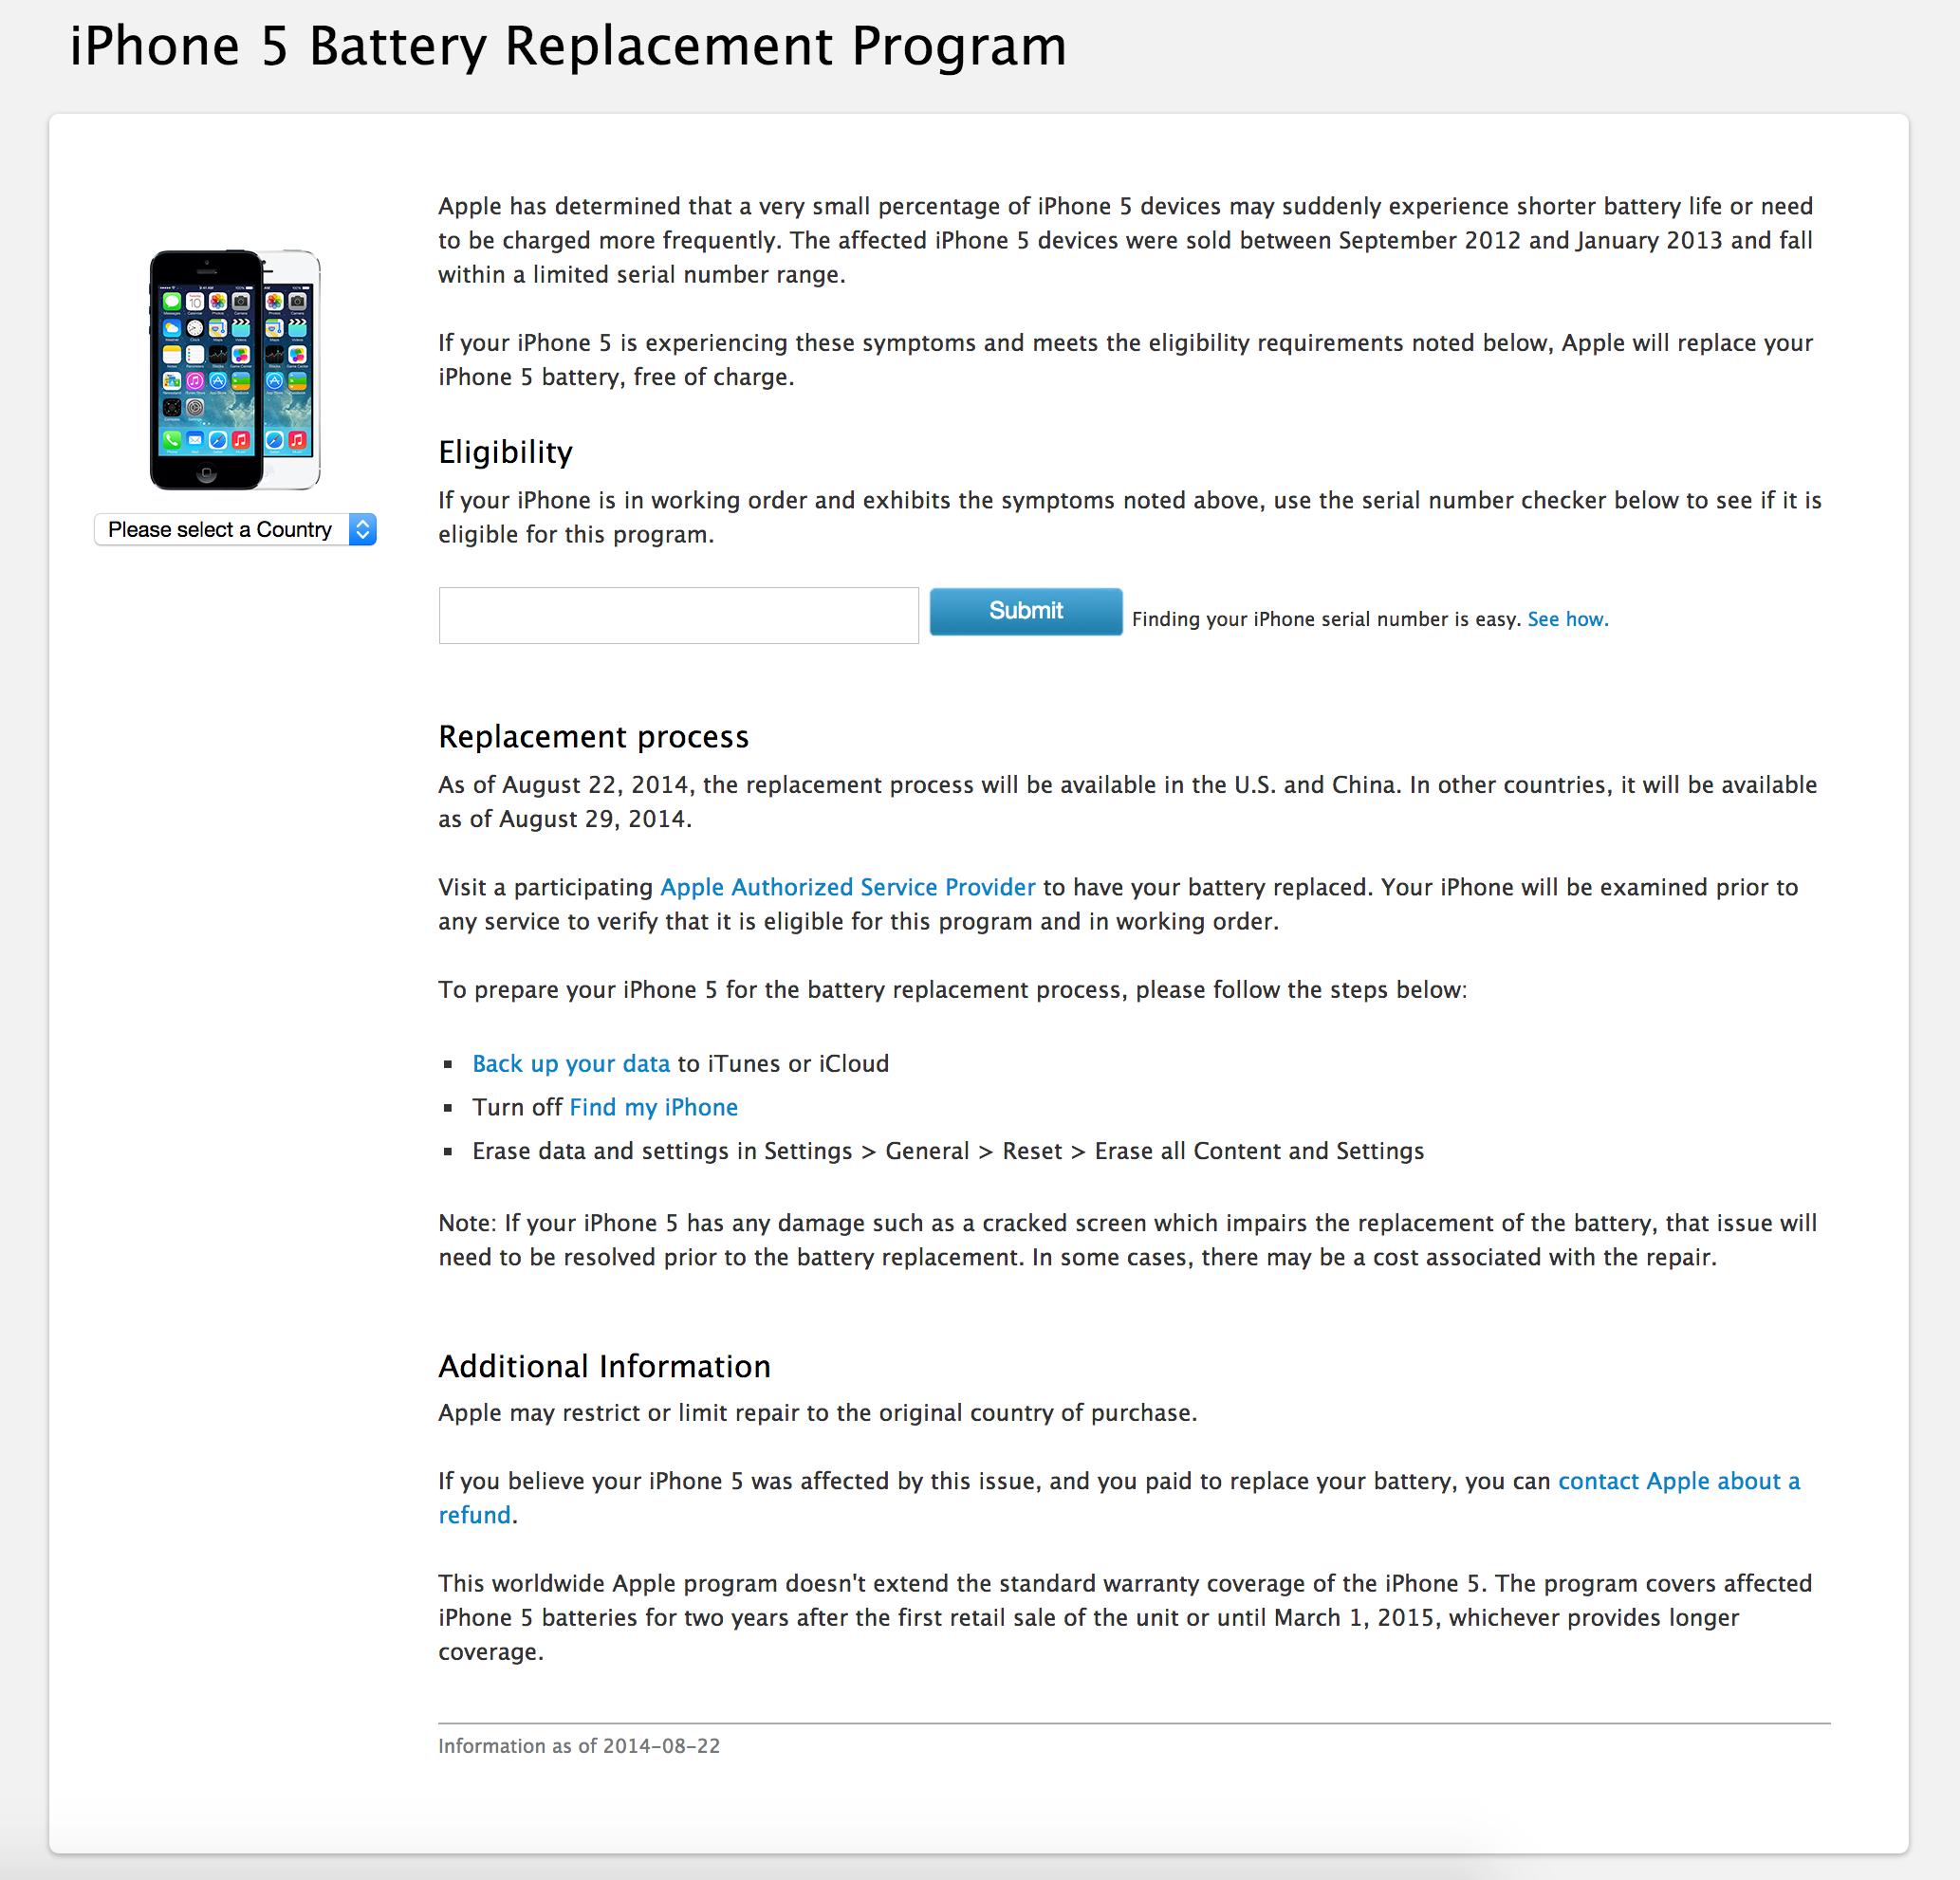 일부 iPhone 5 배터리 교환 프로그램 실시